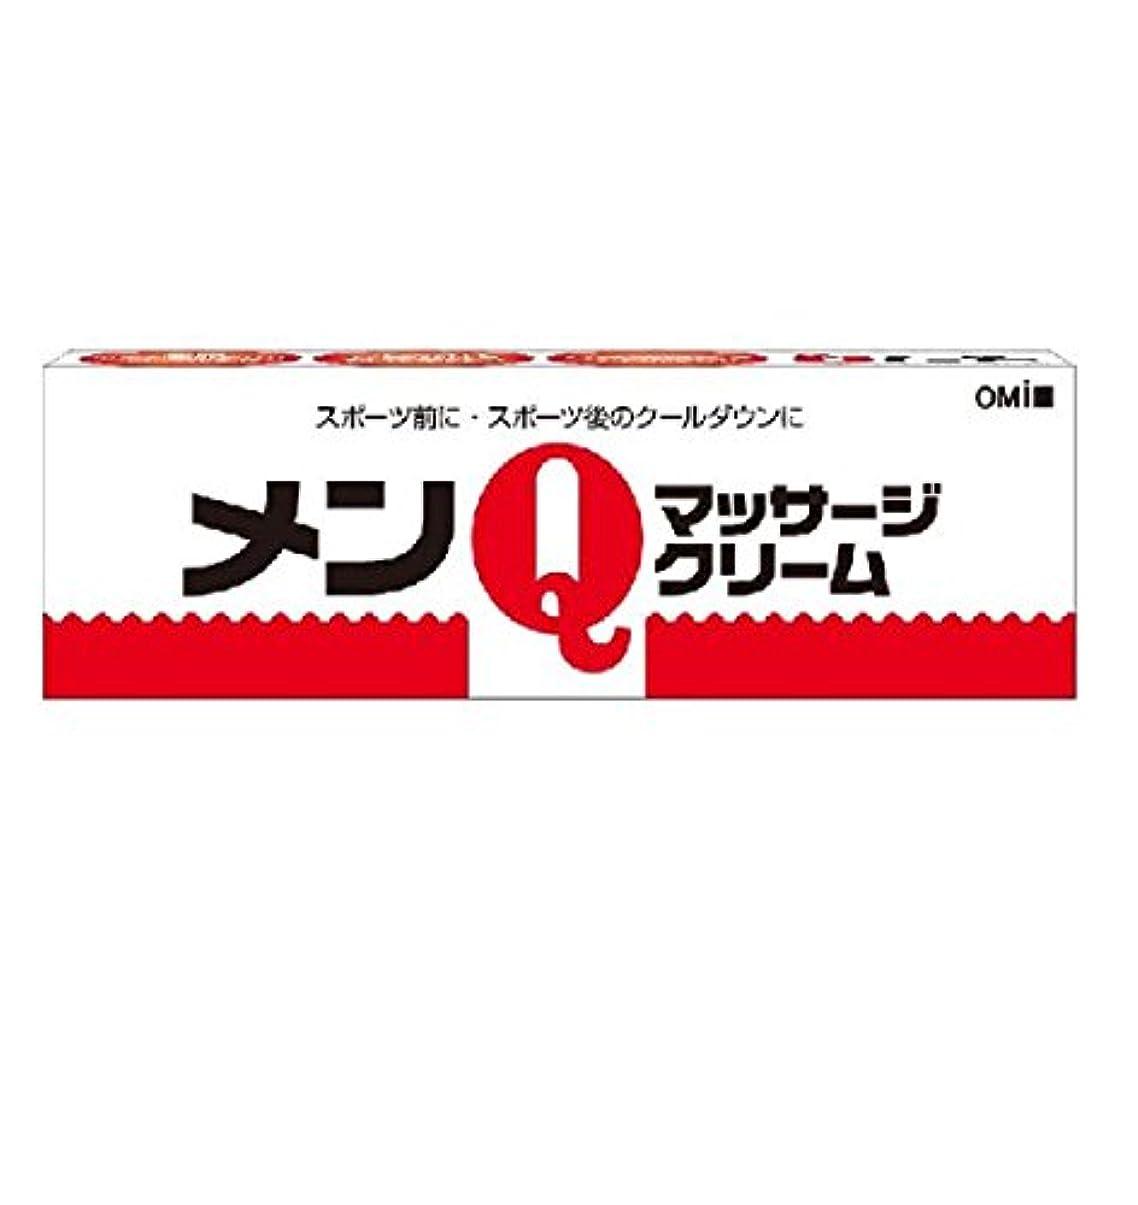 柱み天窓近江兄弟社 メンQマッサージクリーム 65g